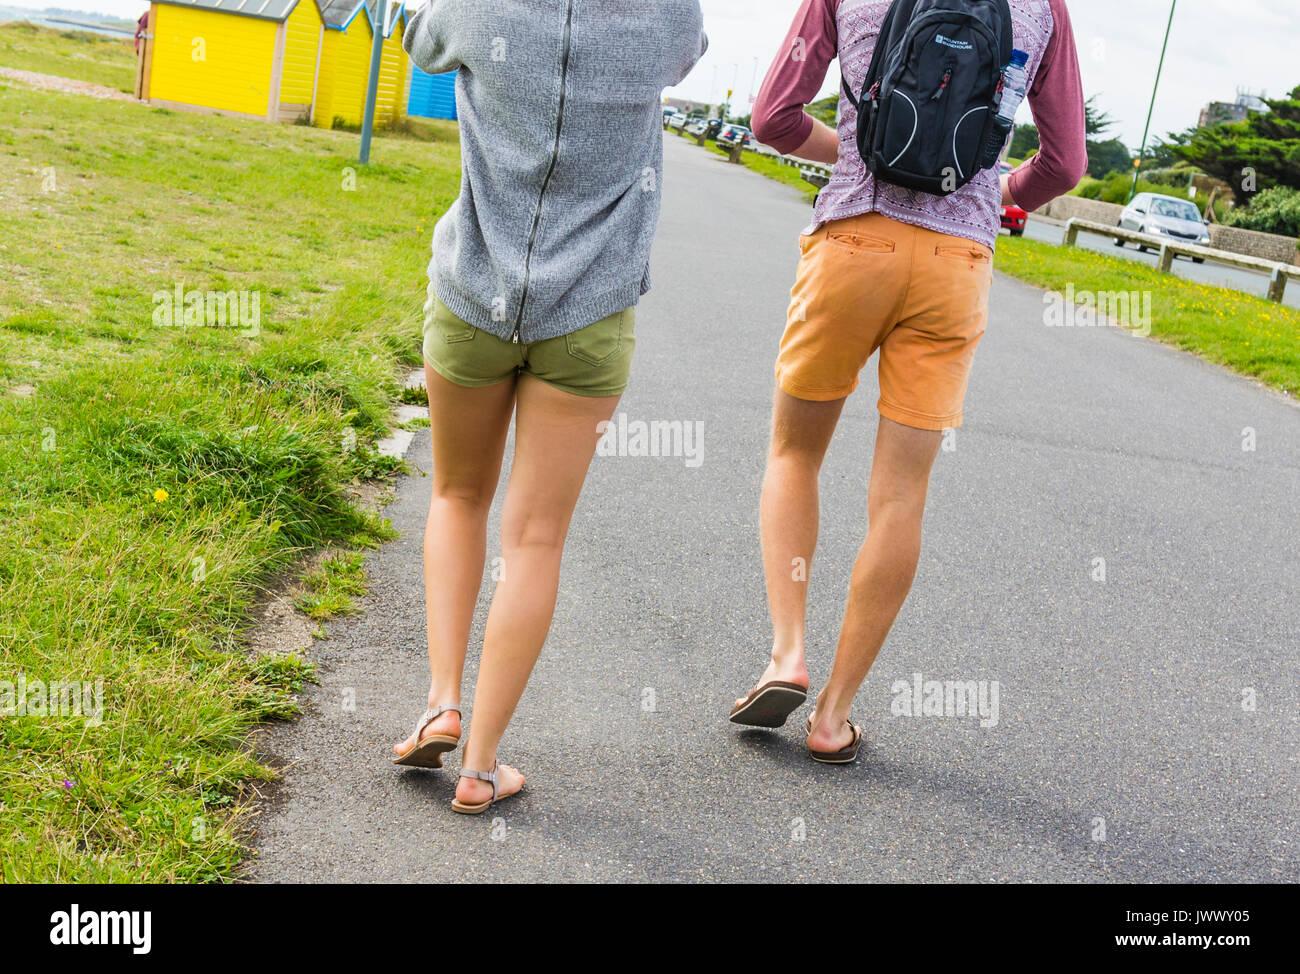 Una joven pareja caminando por el paseo que vistan pantalones cortos, mostrando sólo sus piernas desnudas. Foto de stock